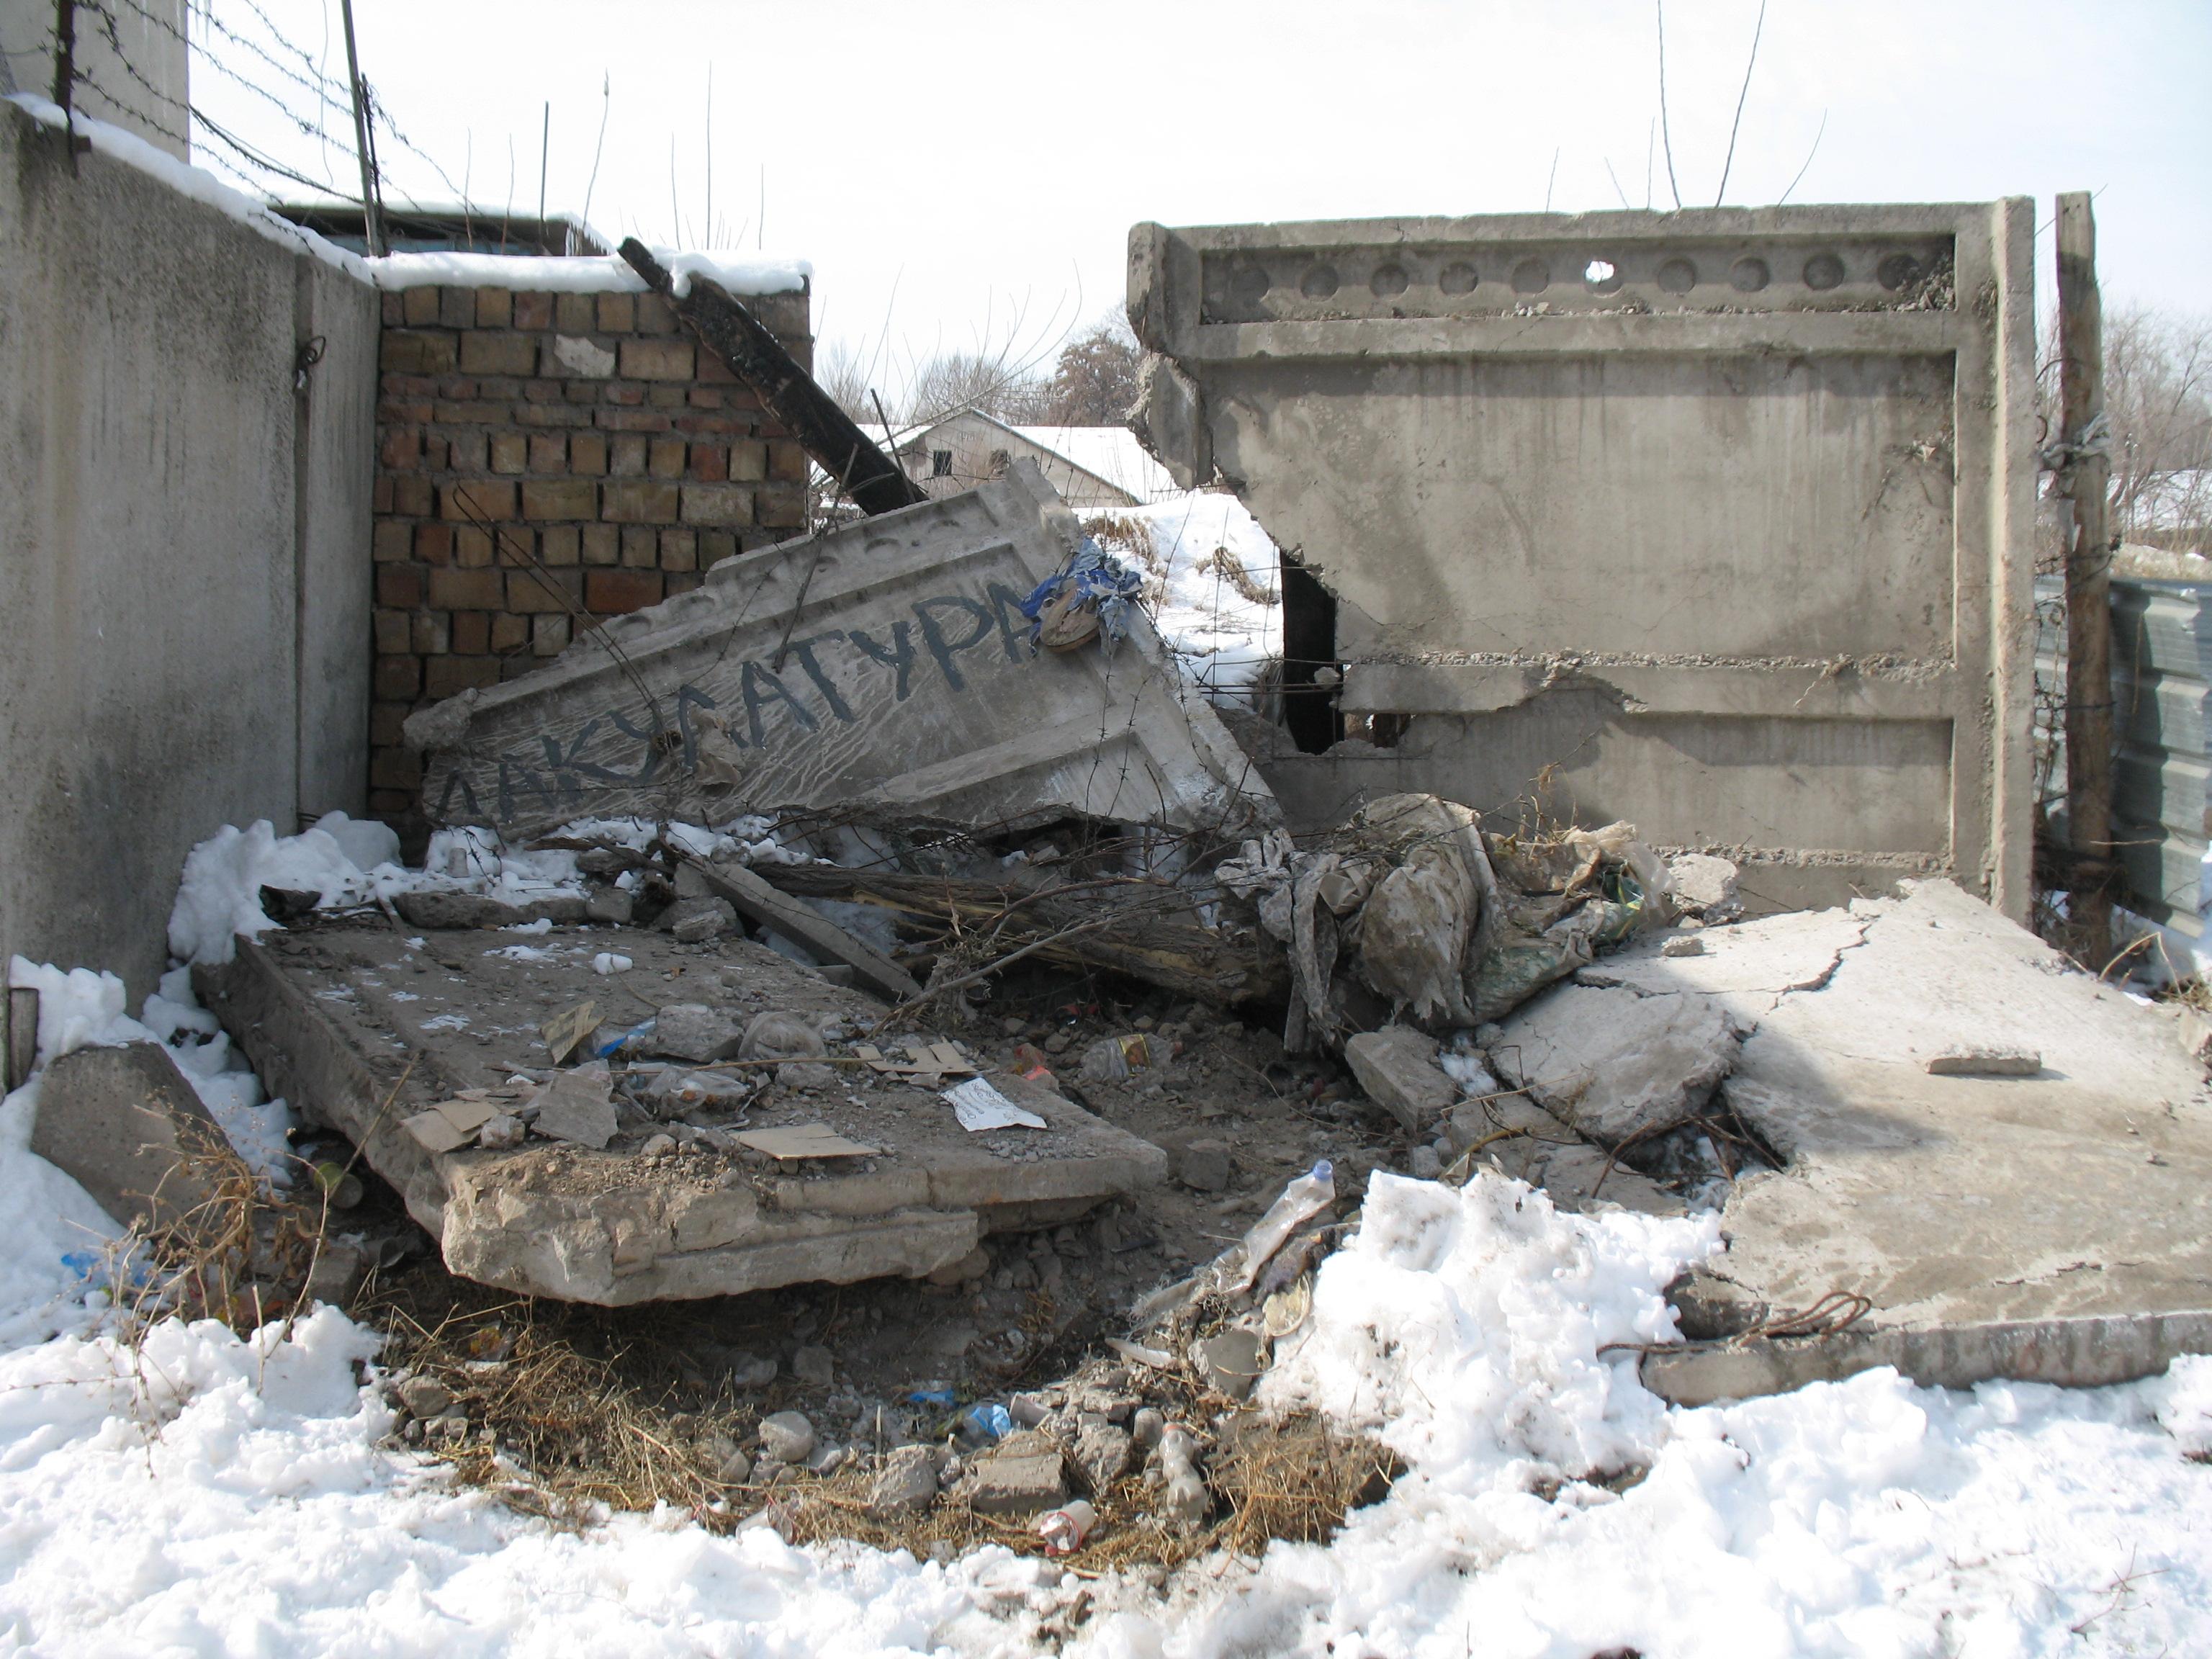 Schlimmer als die Zerstörung von Häusern im Krieg sind die seelischen Zerstörungen der Menschen und bleibende Traumata; Foto: Henning Hraban Ramm  via Pixelio.de